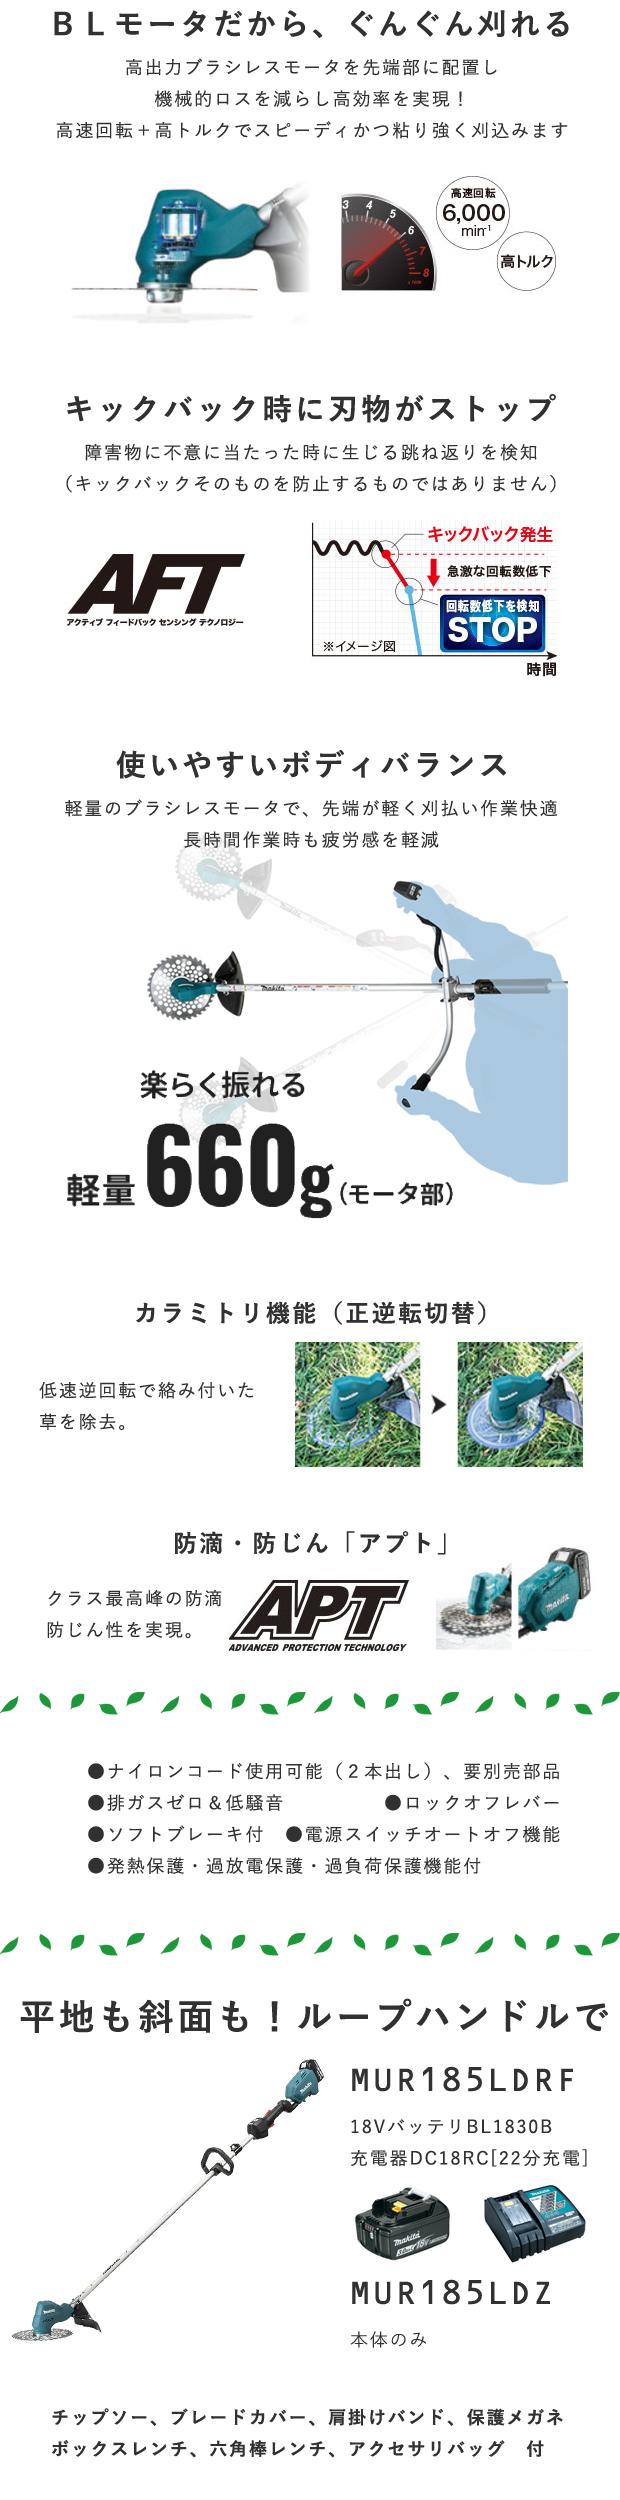 マキタ 18V 充電式草刈機 [ループハンドル仕様] MUR185LD